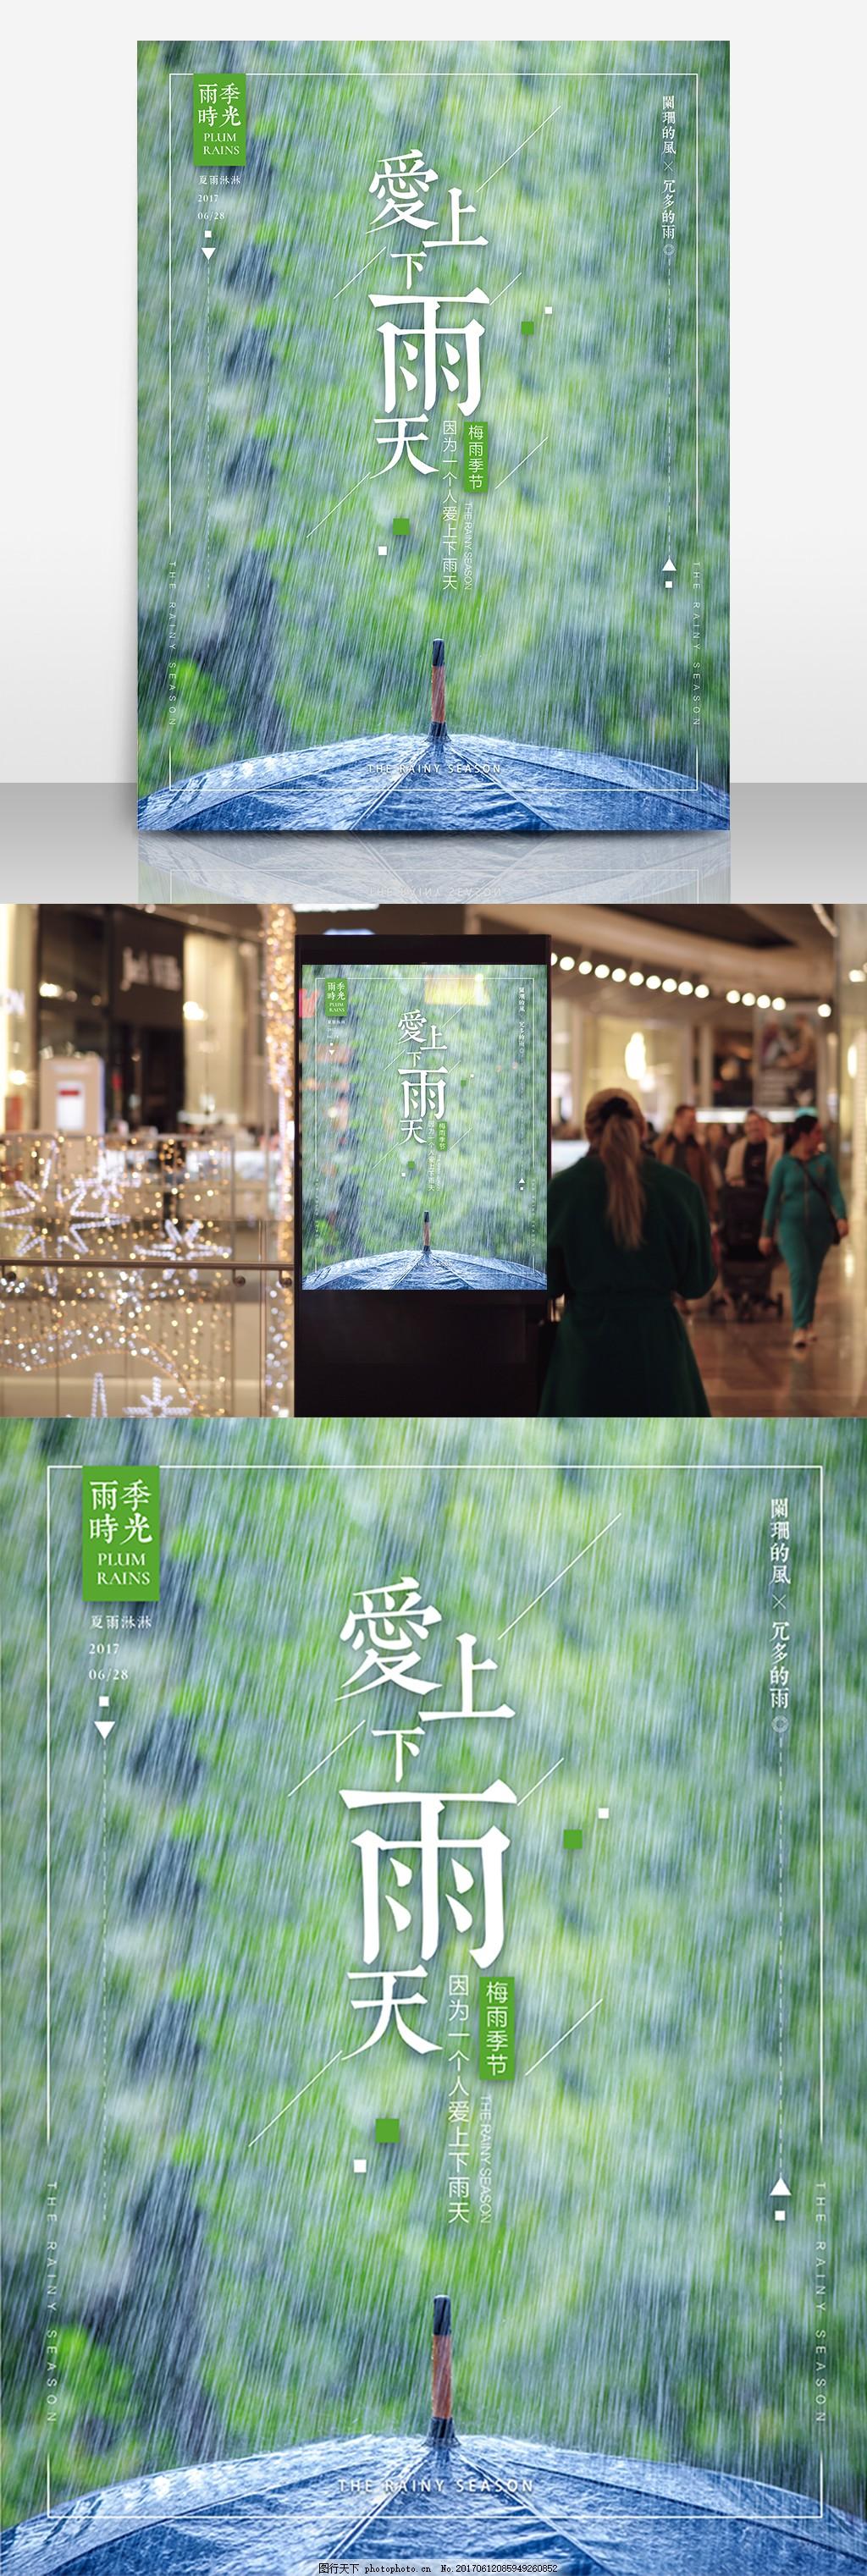 小清新爱上下雨天雨季海报唯美微信配图